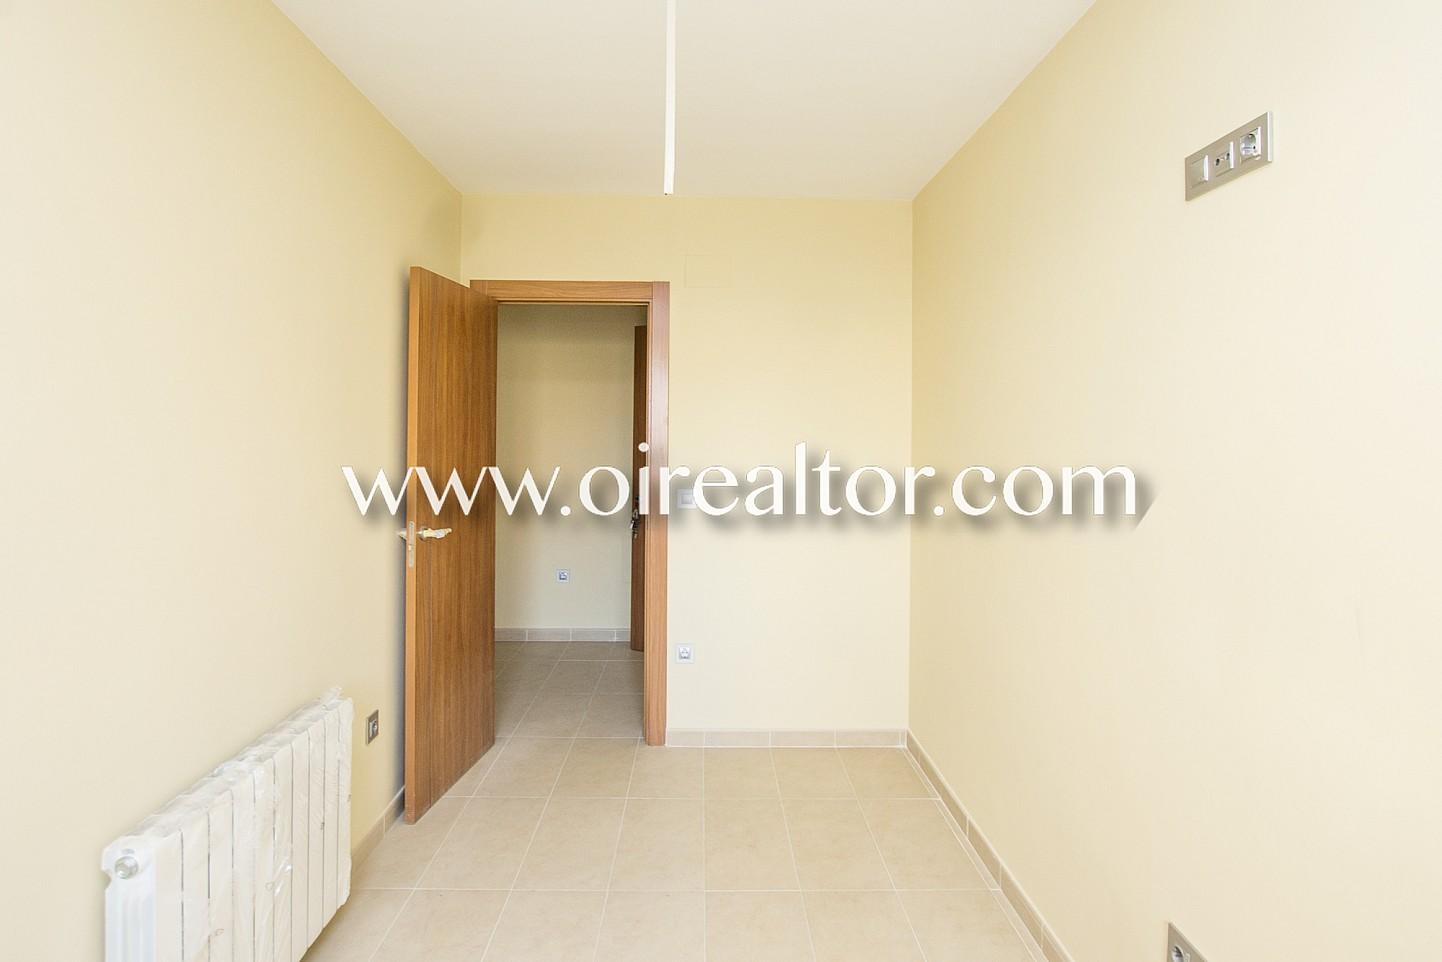 Estupendo segundo piso en venta de obra nueva en calella - Pisos en barcelona obra nueva ...